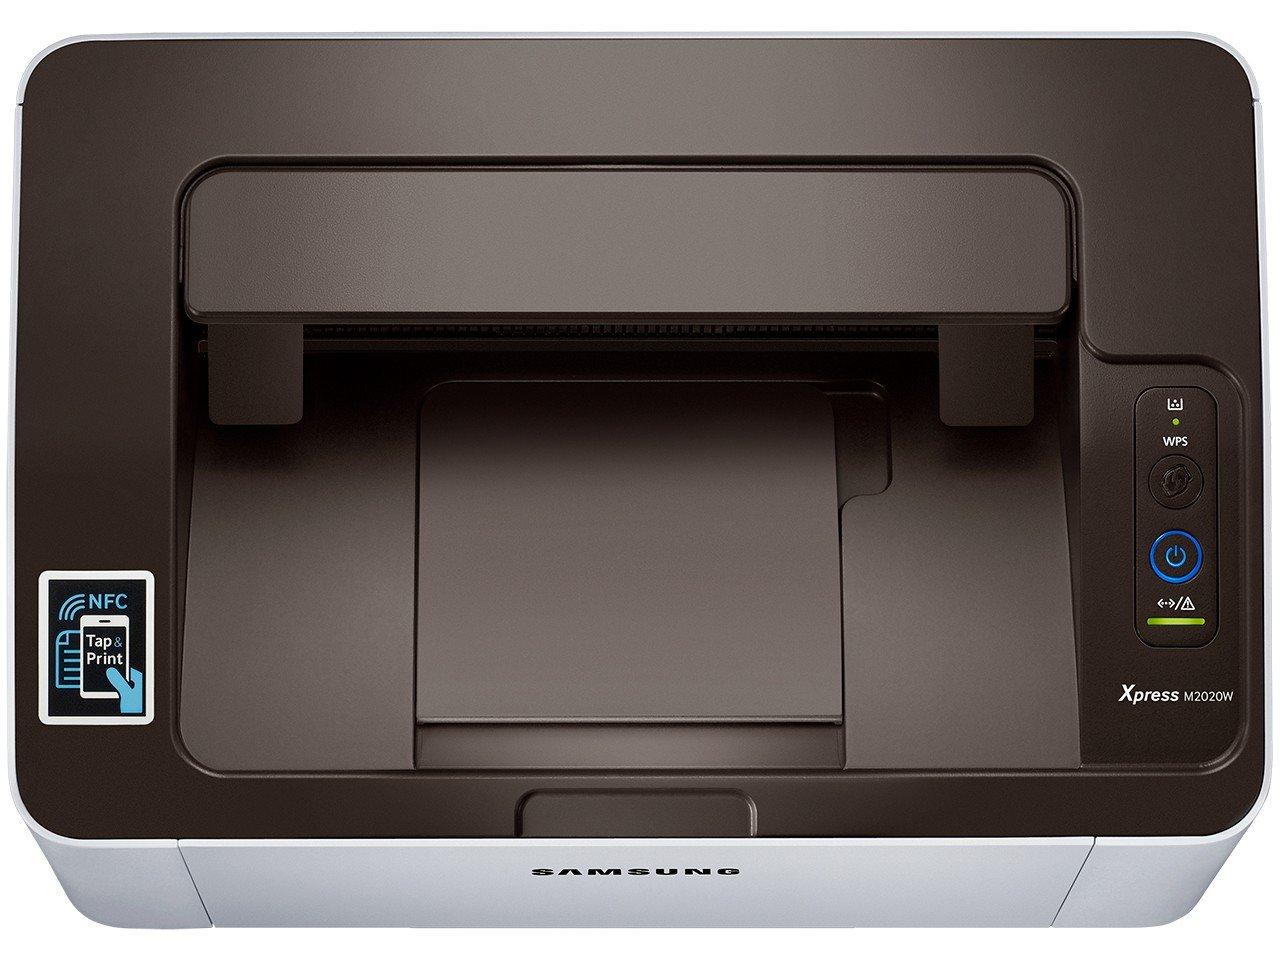 Foto 5 - Impressora Samsung Xpress SL-M2020W Laser - Wi-Fi USB NFC